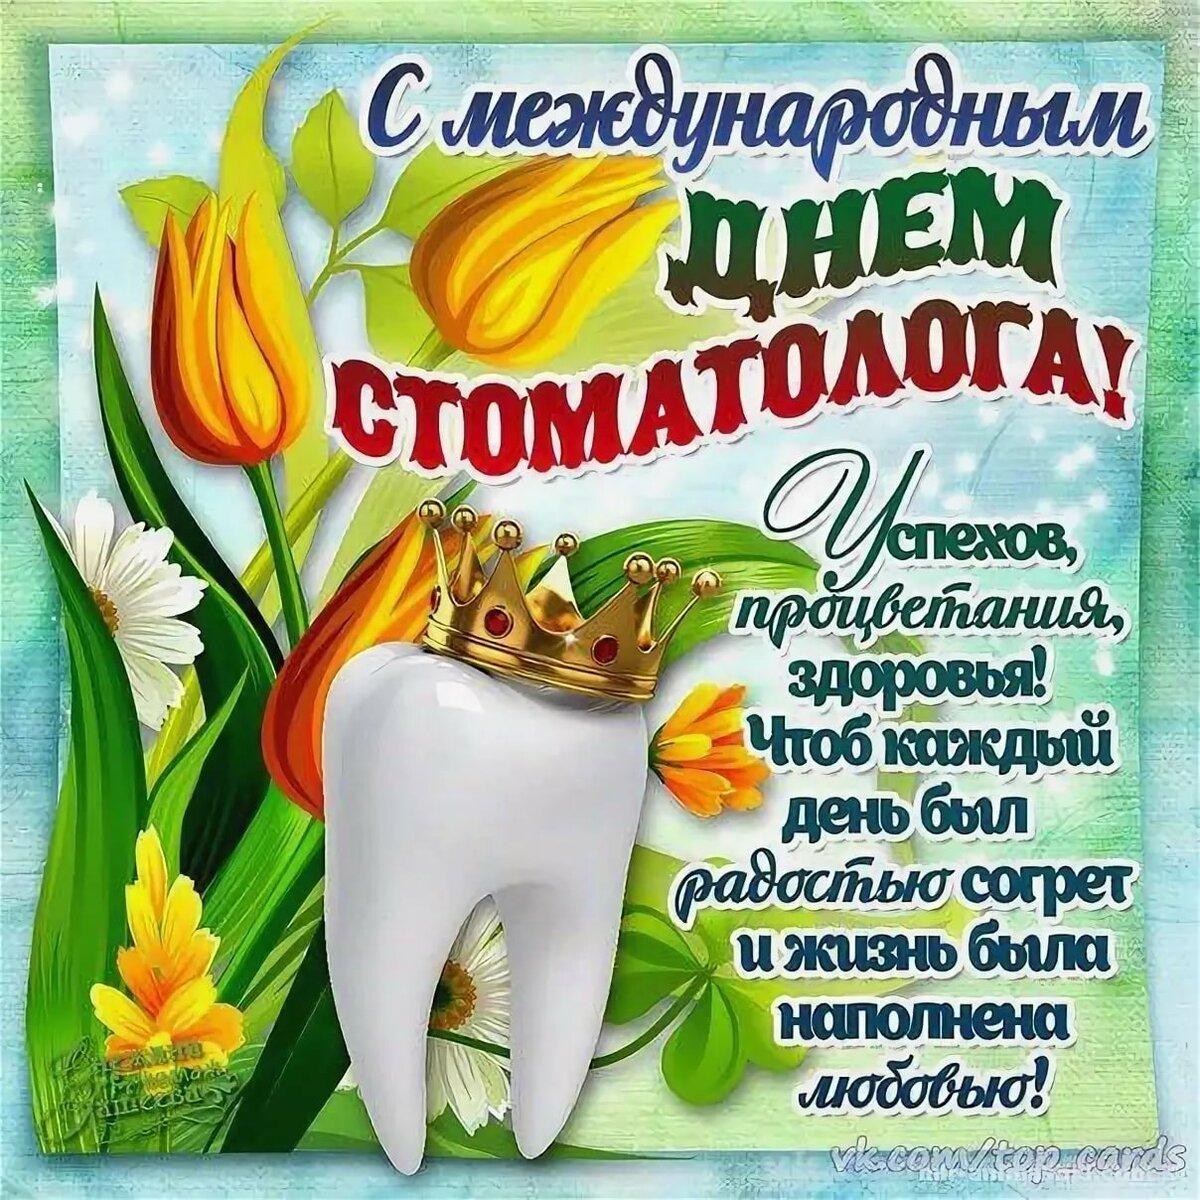 Поздравления для стоматолога в профессиональный праздник